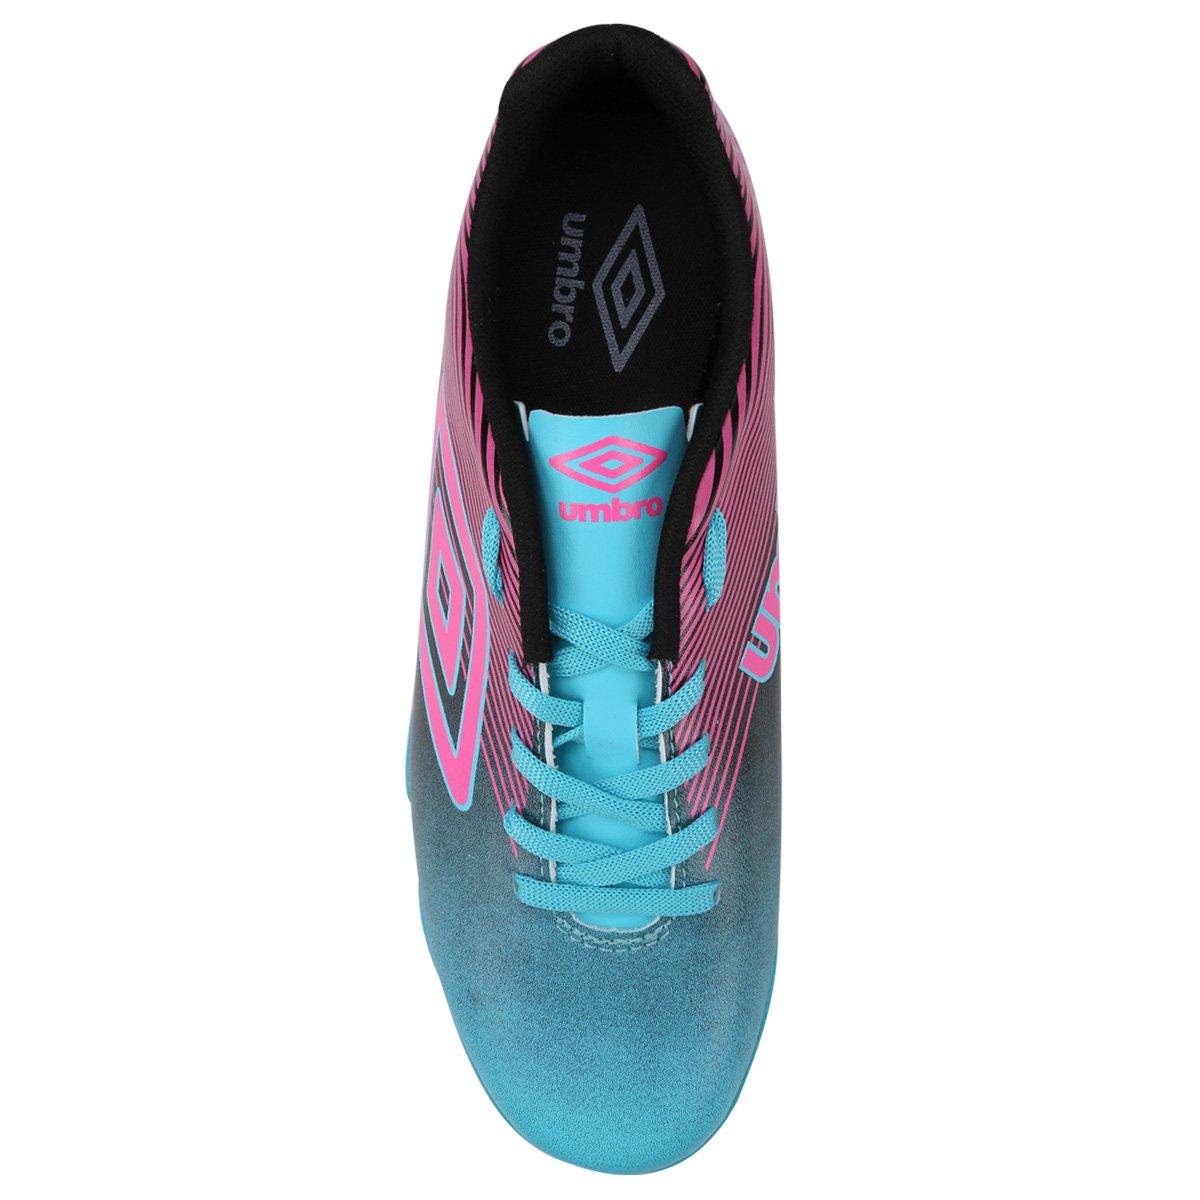 Chuteira Futsal Umbro Slice 3 Masculina - Azul e Rosa - Compre Agora ... f818f1c3ddd28